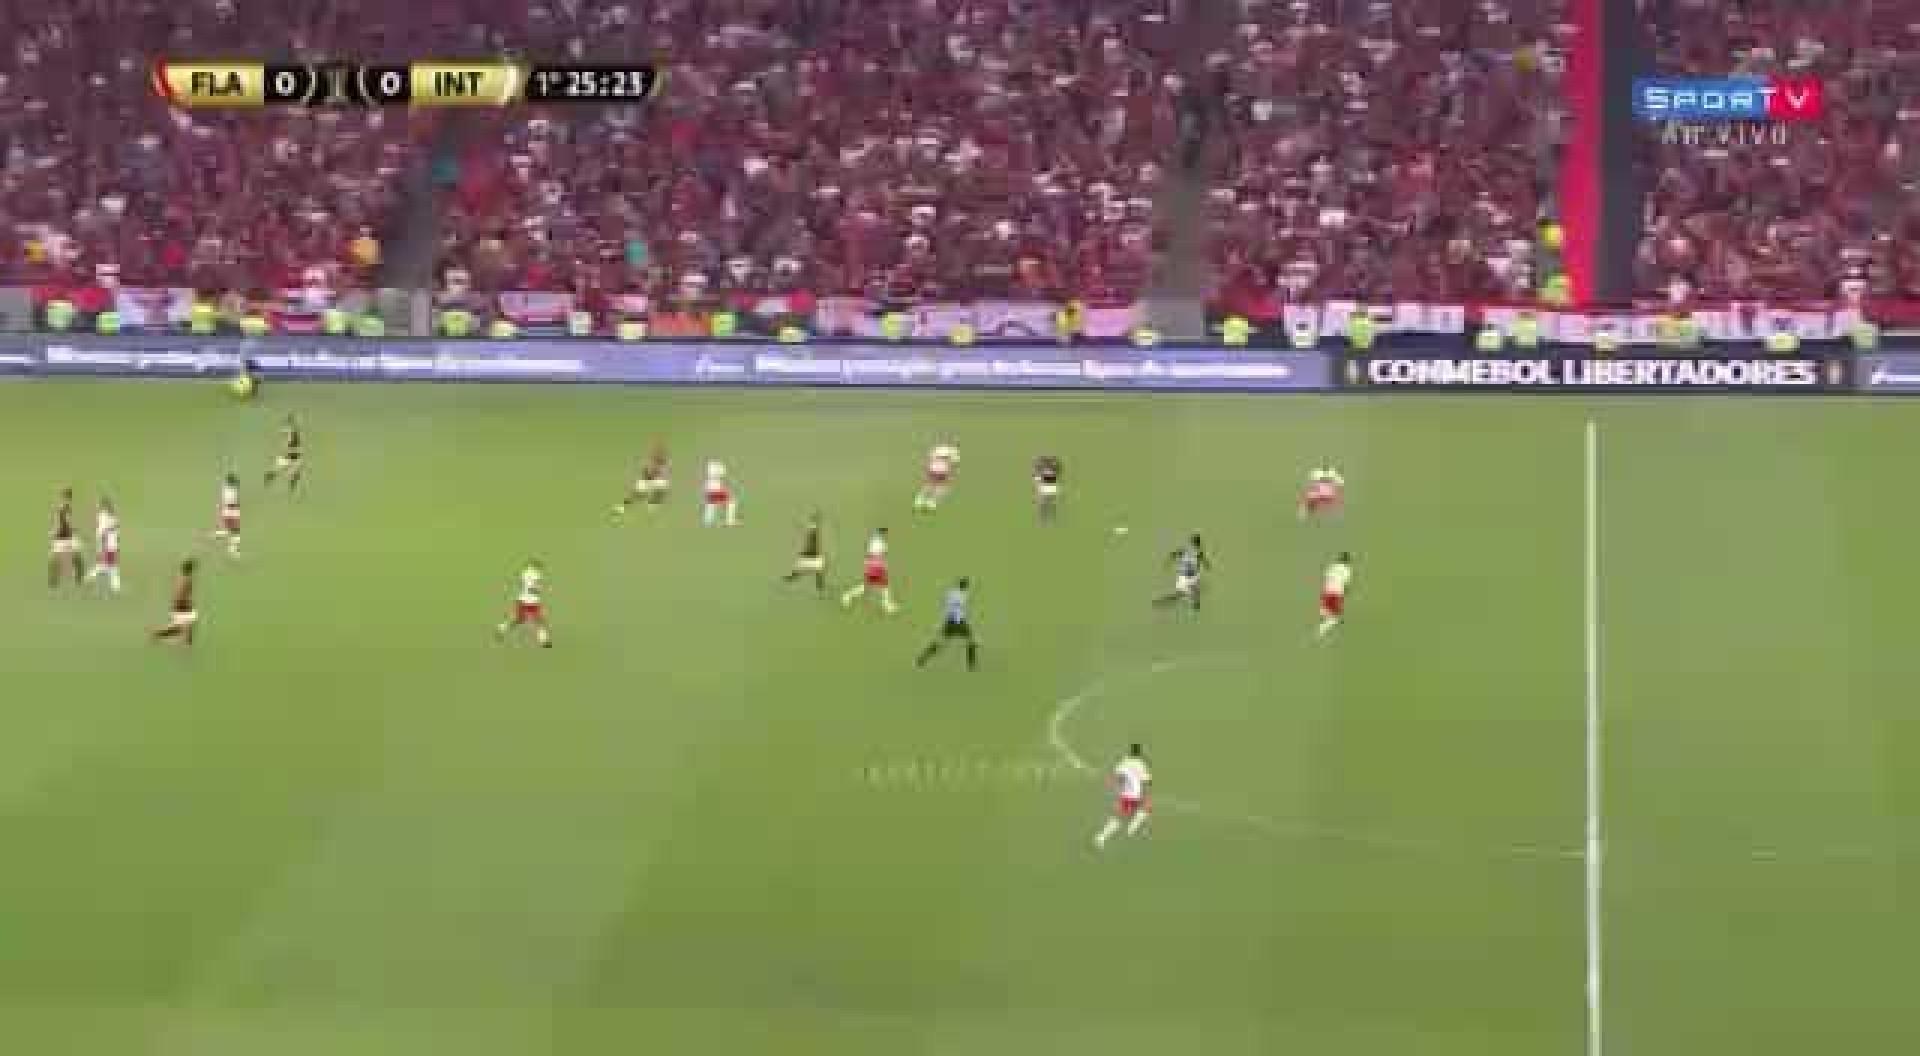 FIFA: Pupilo de Jesus destrona Bale como o mais rápido de sempre